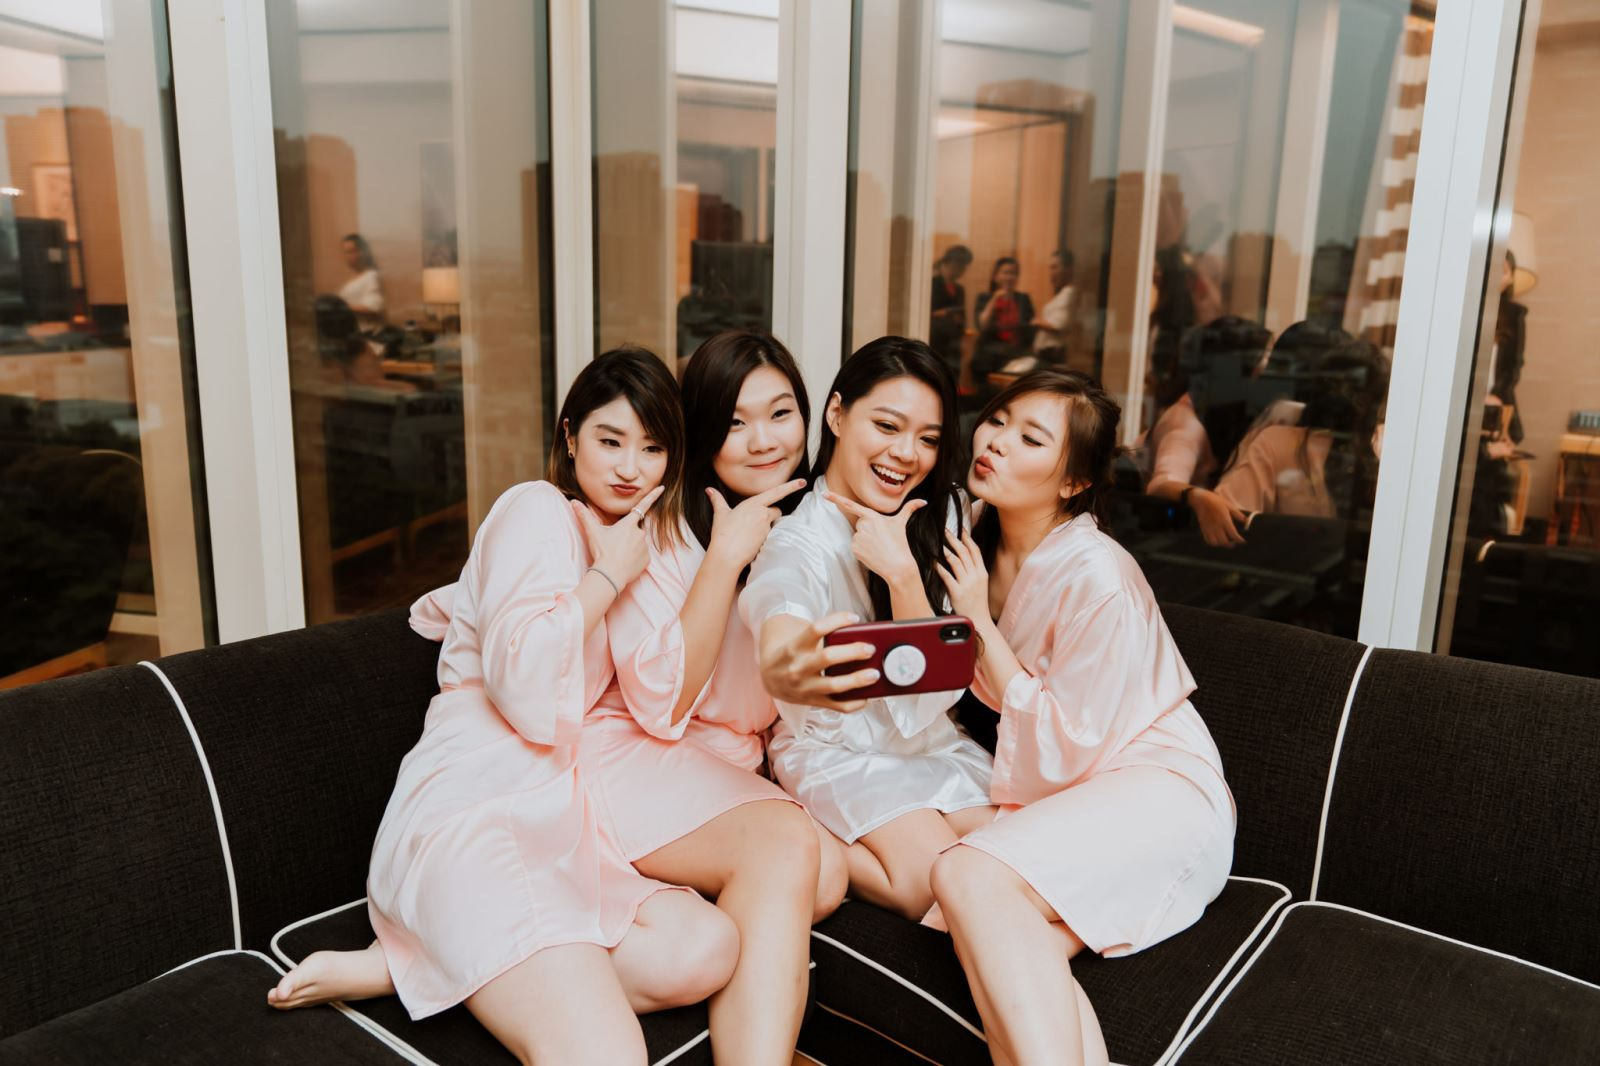 在台中林酒店,新娘與伴娘們,穿浴袍自拍